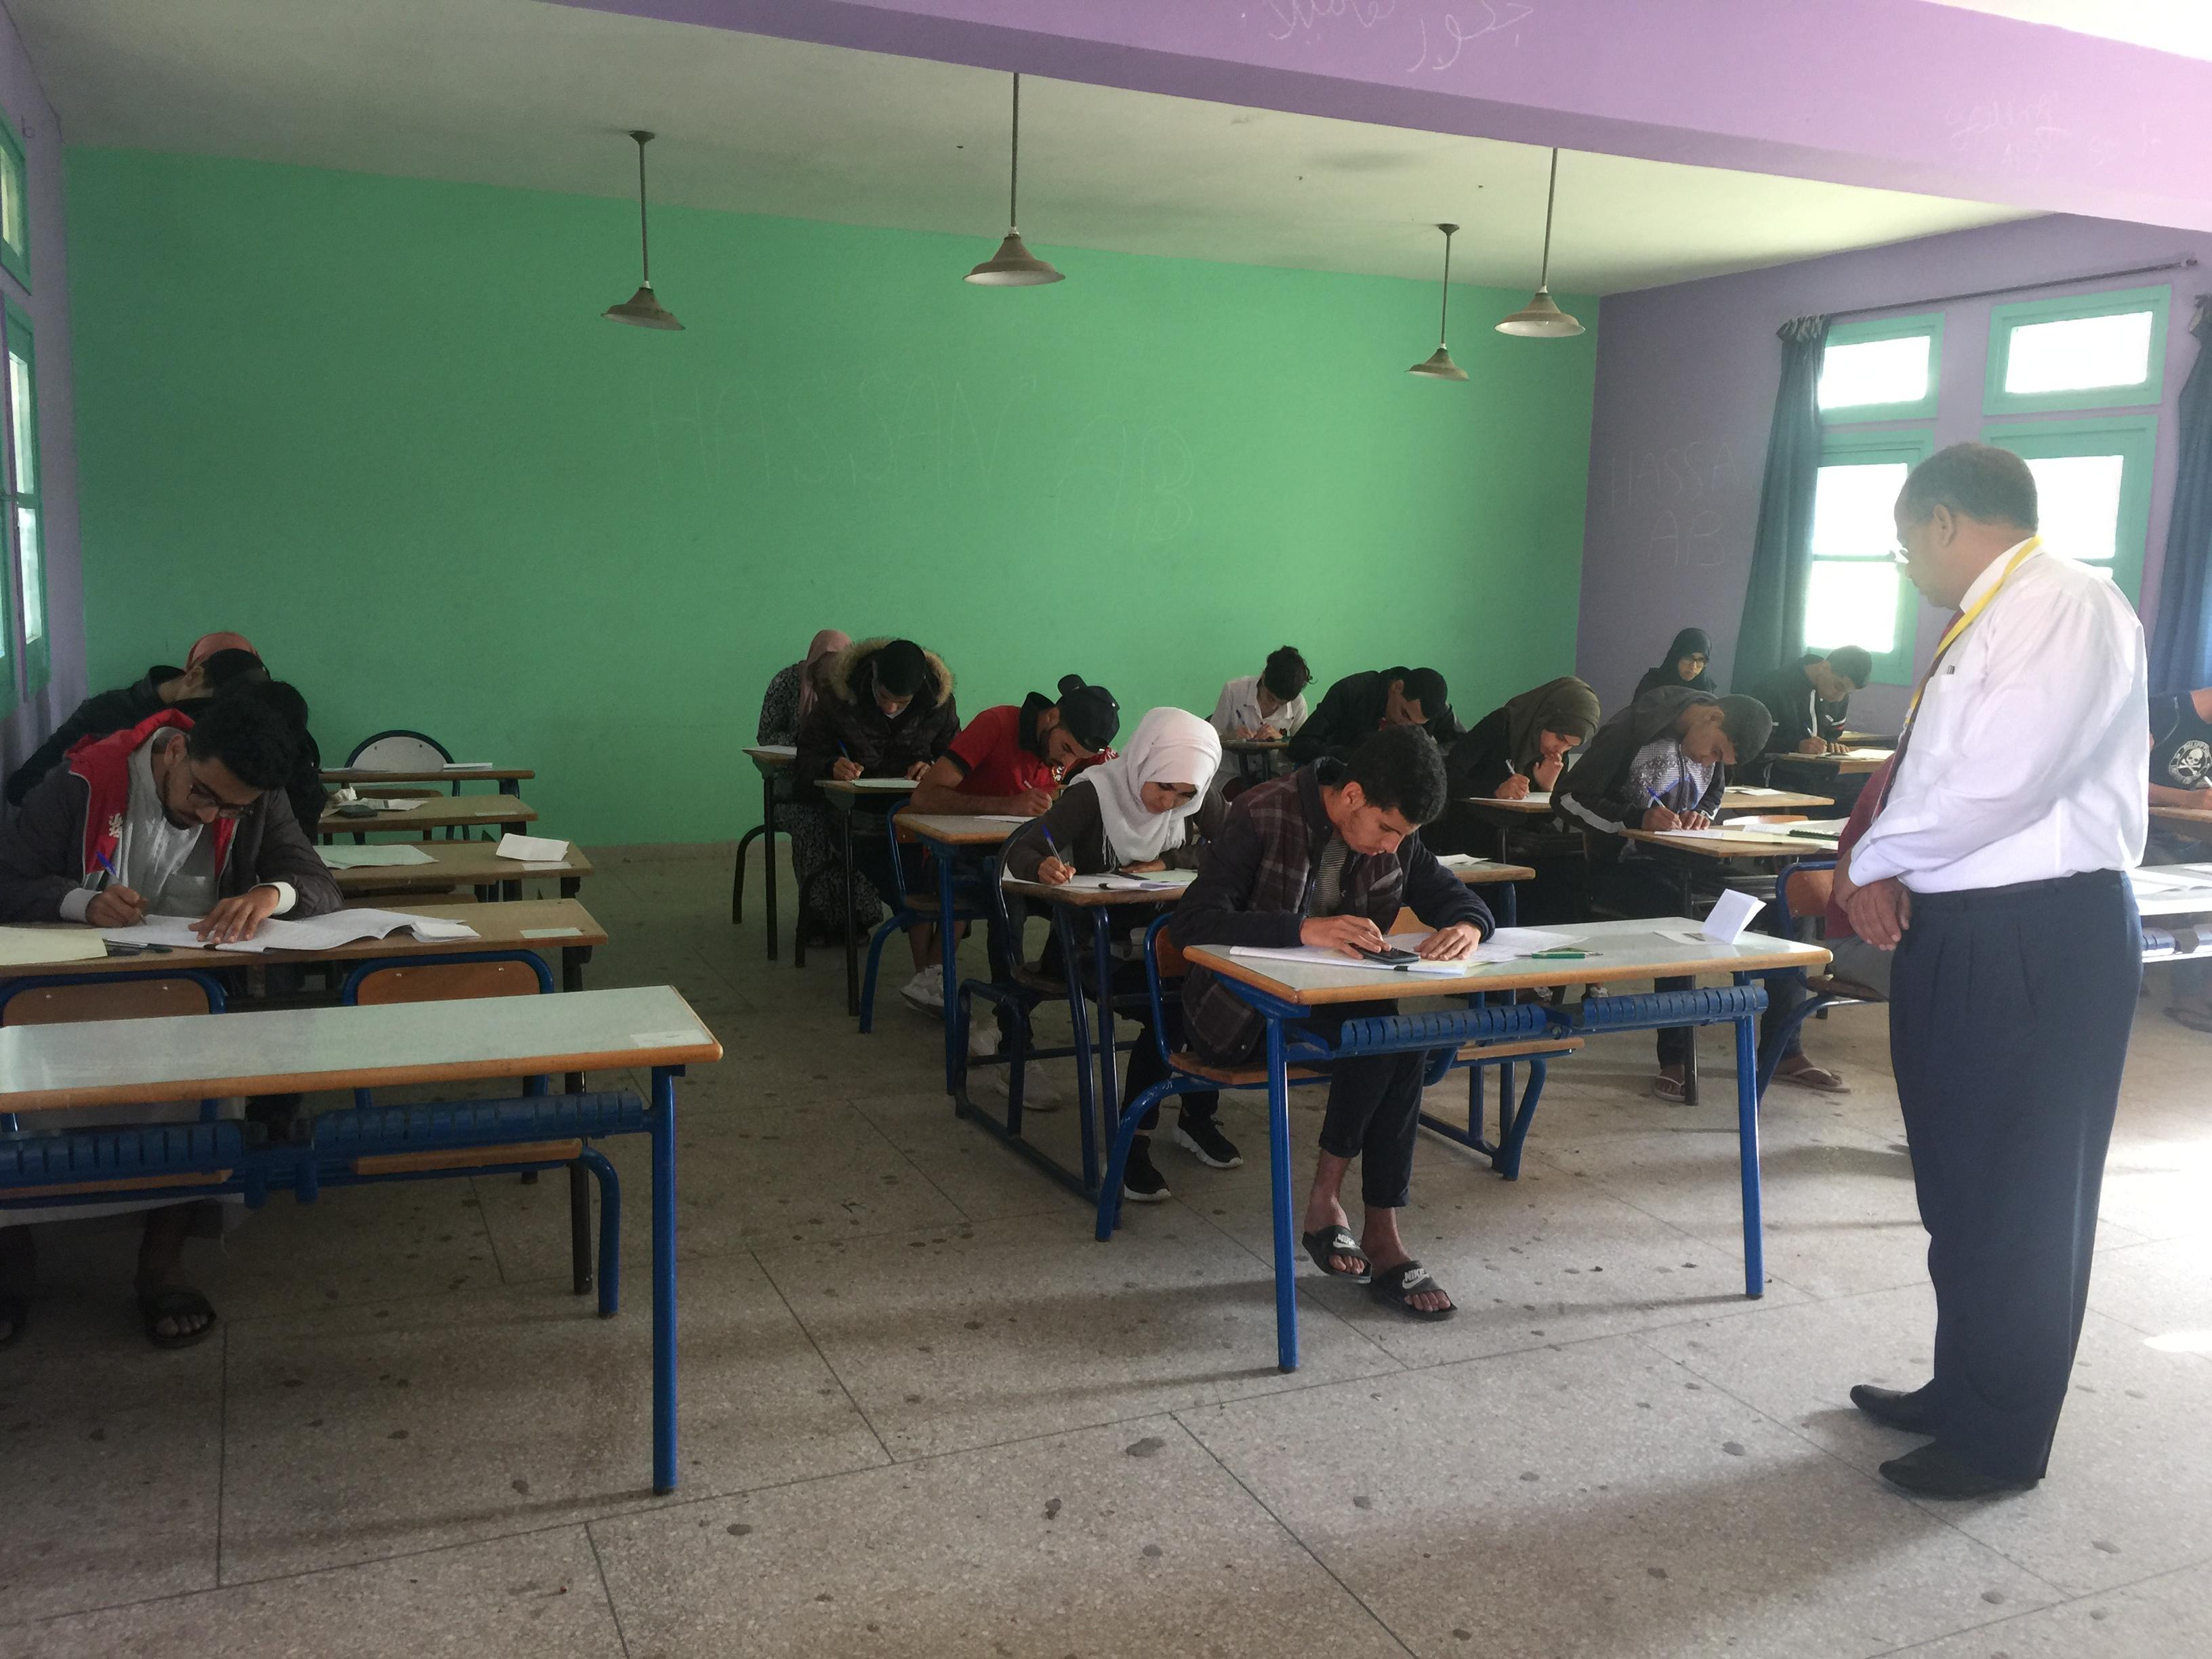 اليوم الثالث من امتحانات الباكالوريا بجهة سوس ماسة : ضبط 27 حالة غش